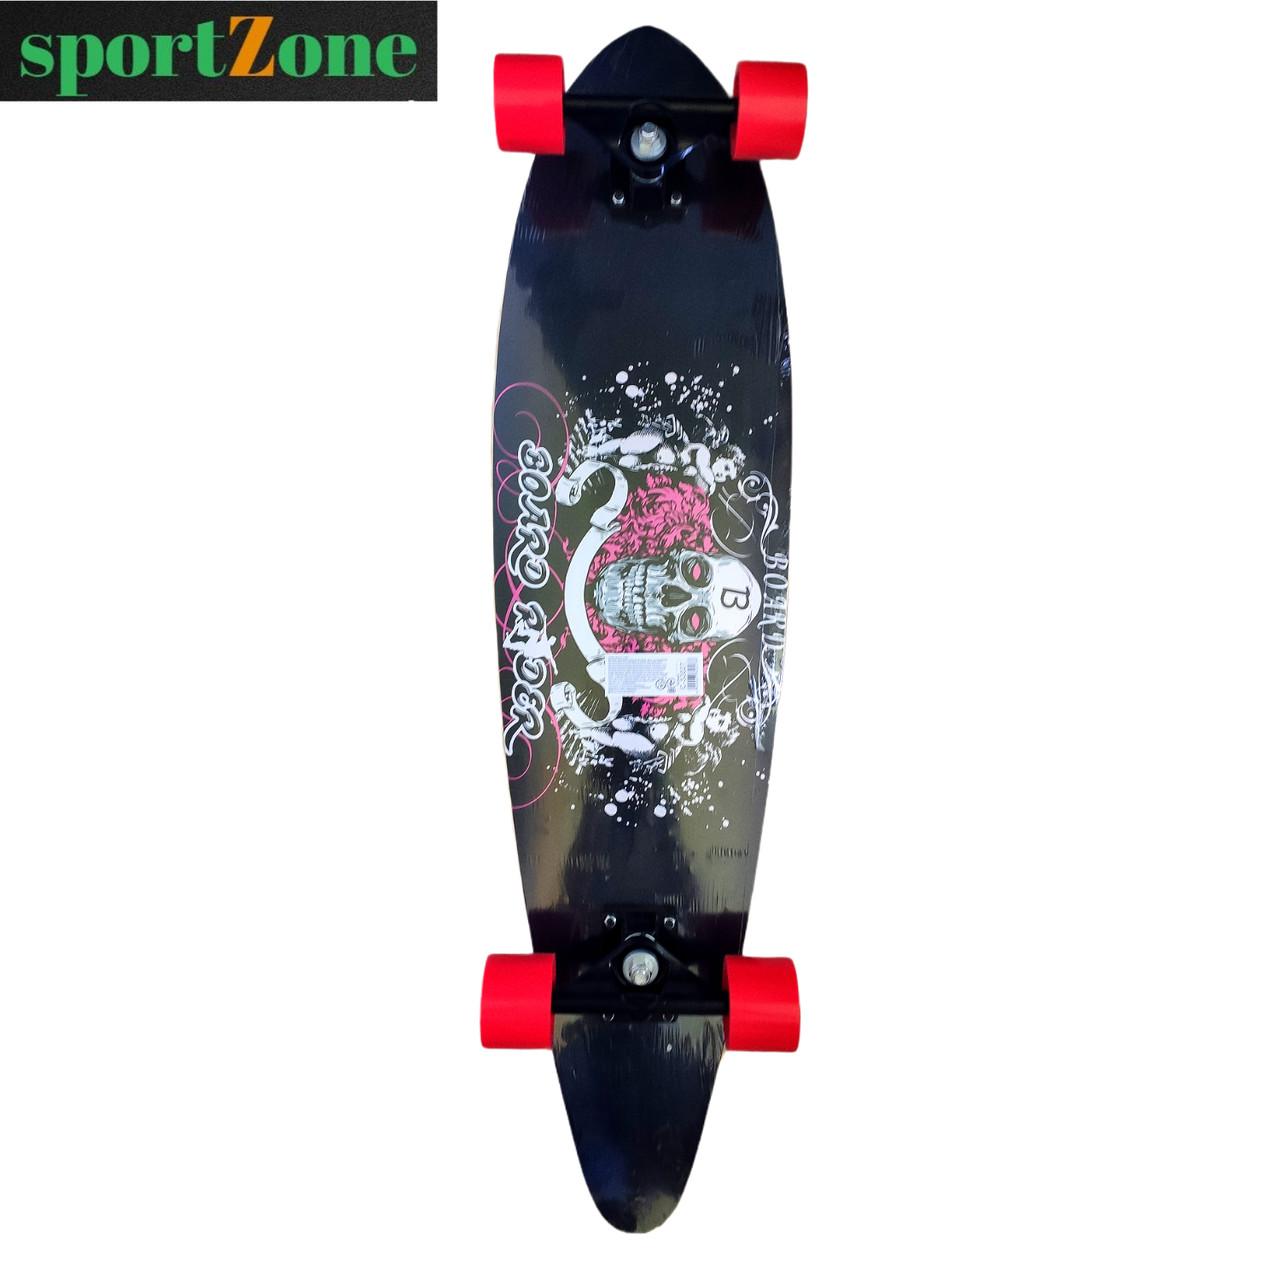 Скейт-лонгборд Best Board 32027, підшипник АВЕС-9, колеса PU, d=6.5 см